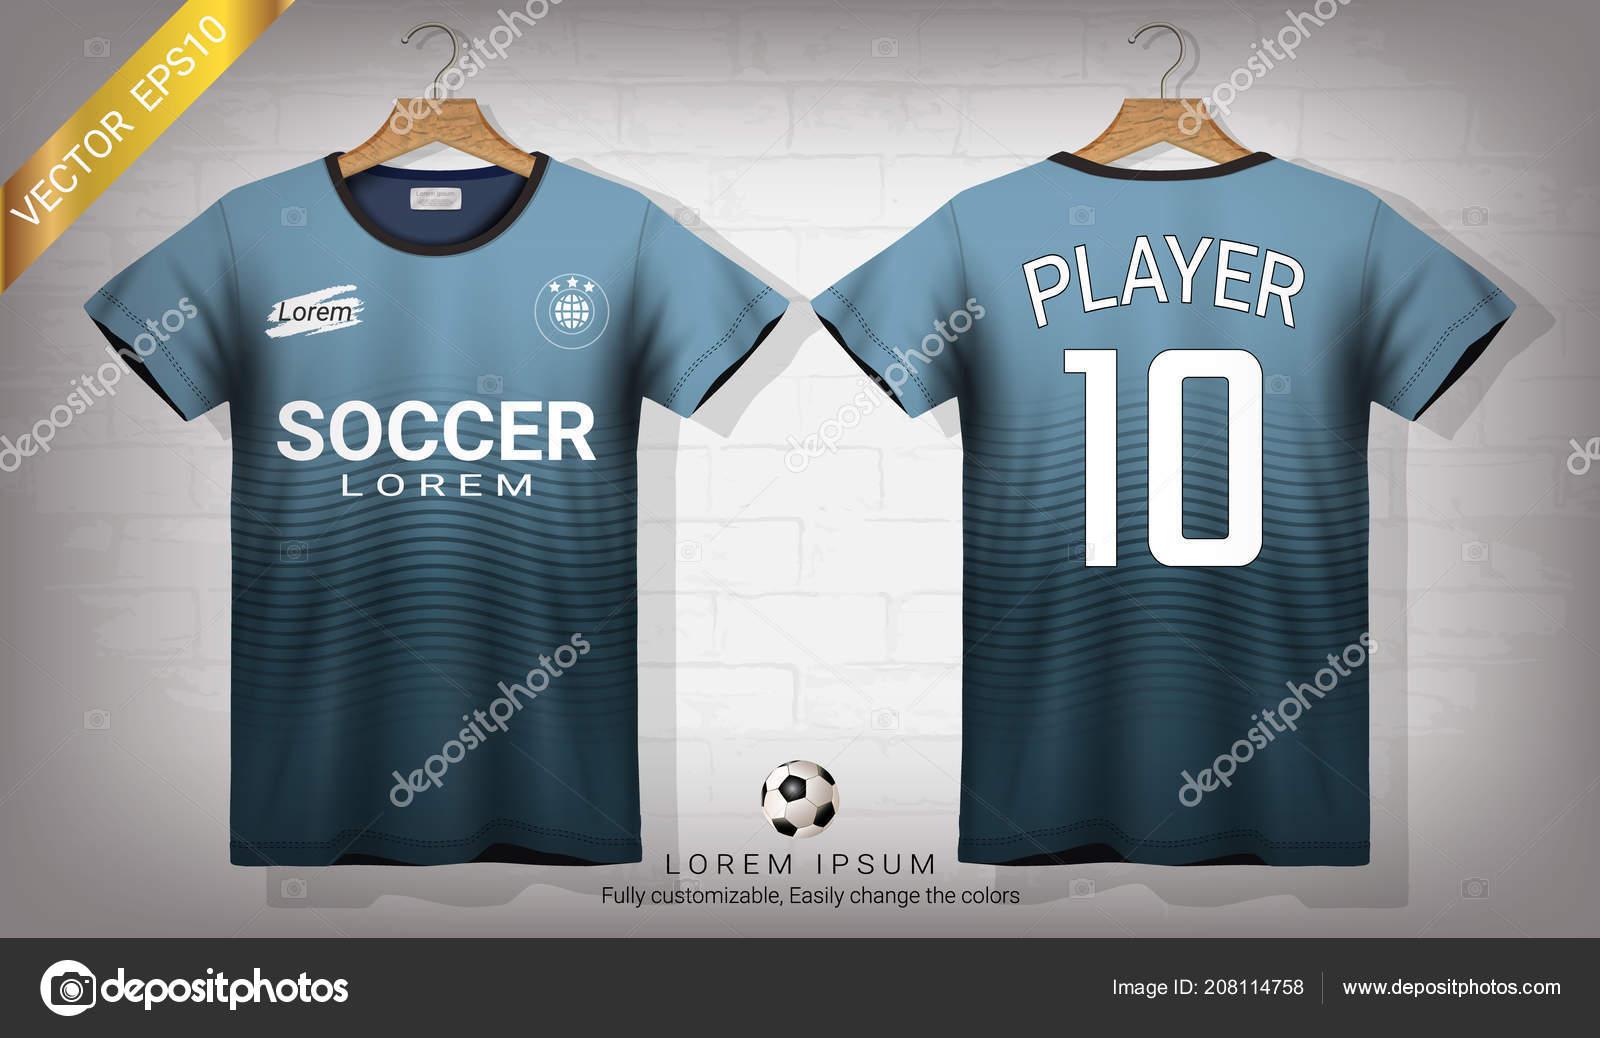 b3cf5baa1dfaf Camisa Futebol Shirt Esporte Modelo Maquete Design Gráfico Para ...